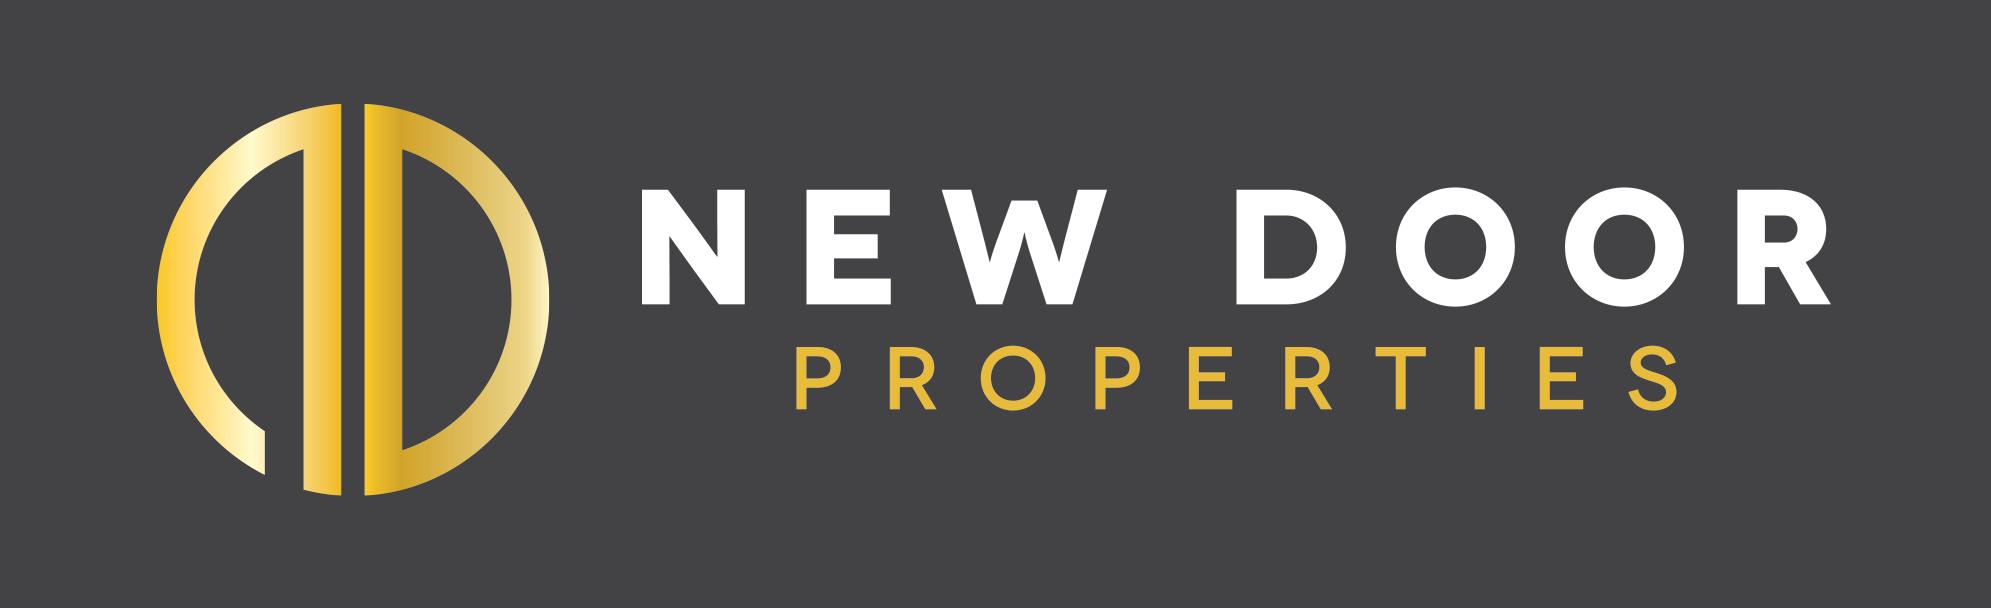 New Door Properties, Gungahlin, 2912